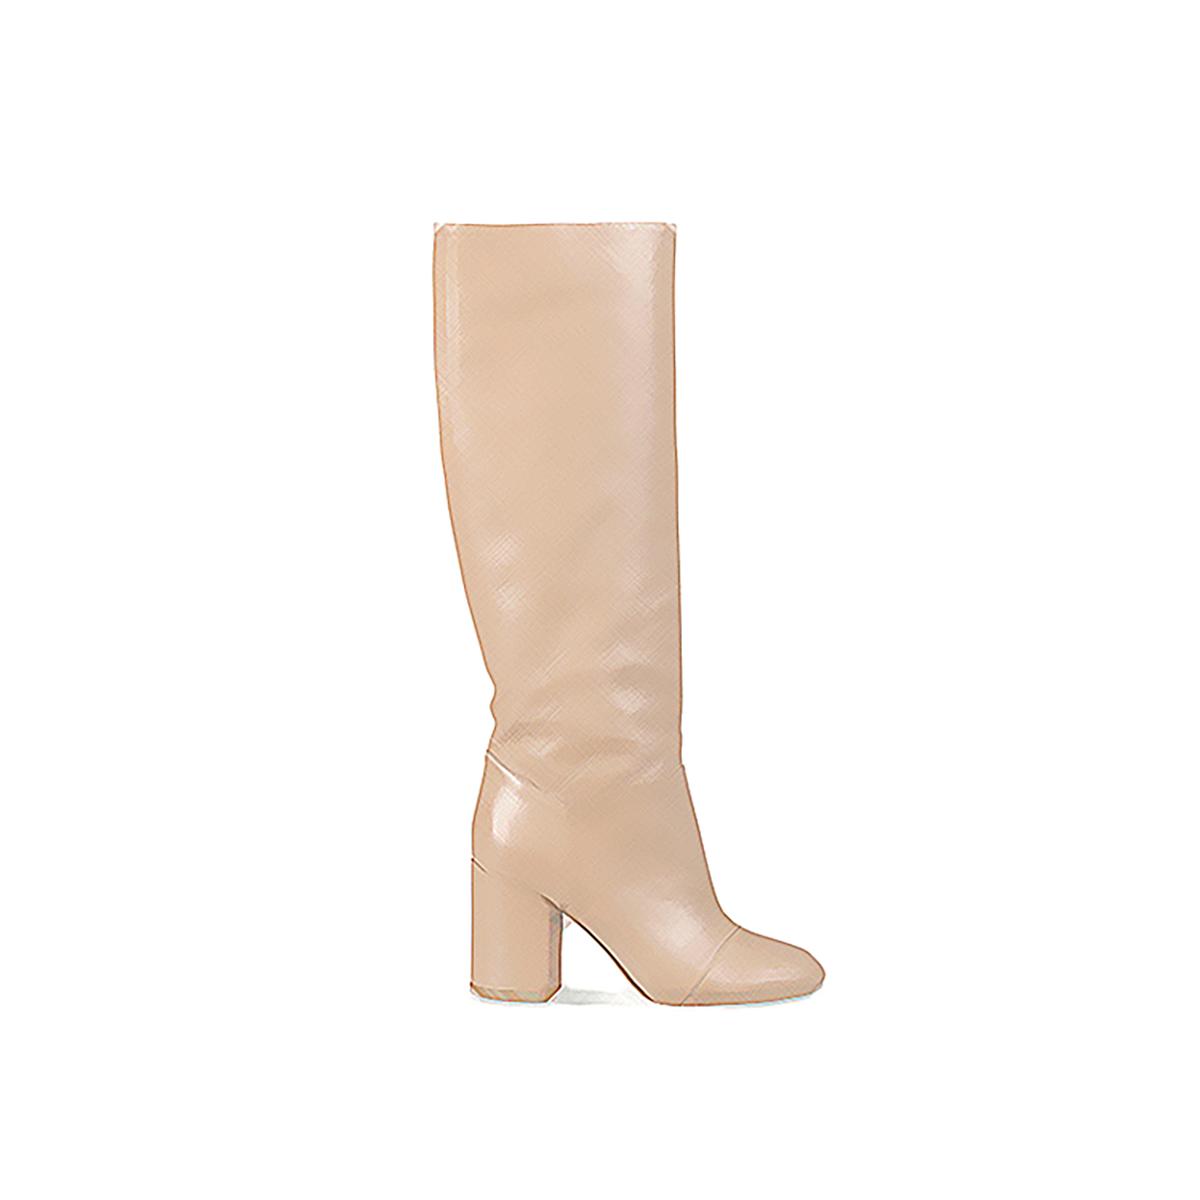 Marimekko Leather Boots 7LyXtovaX